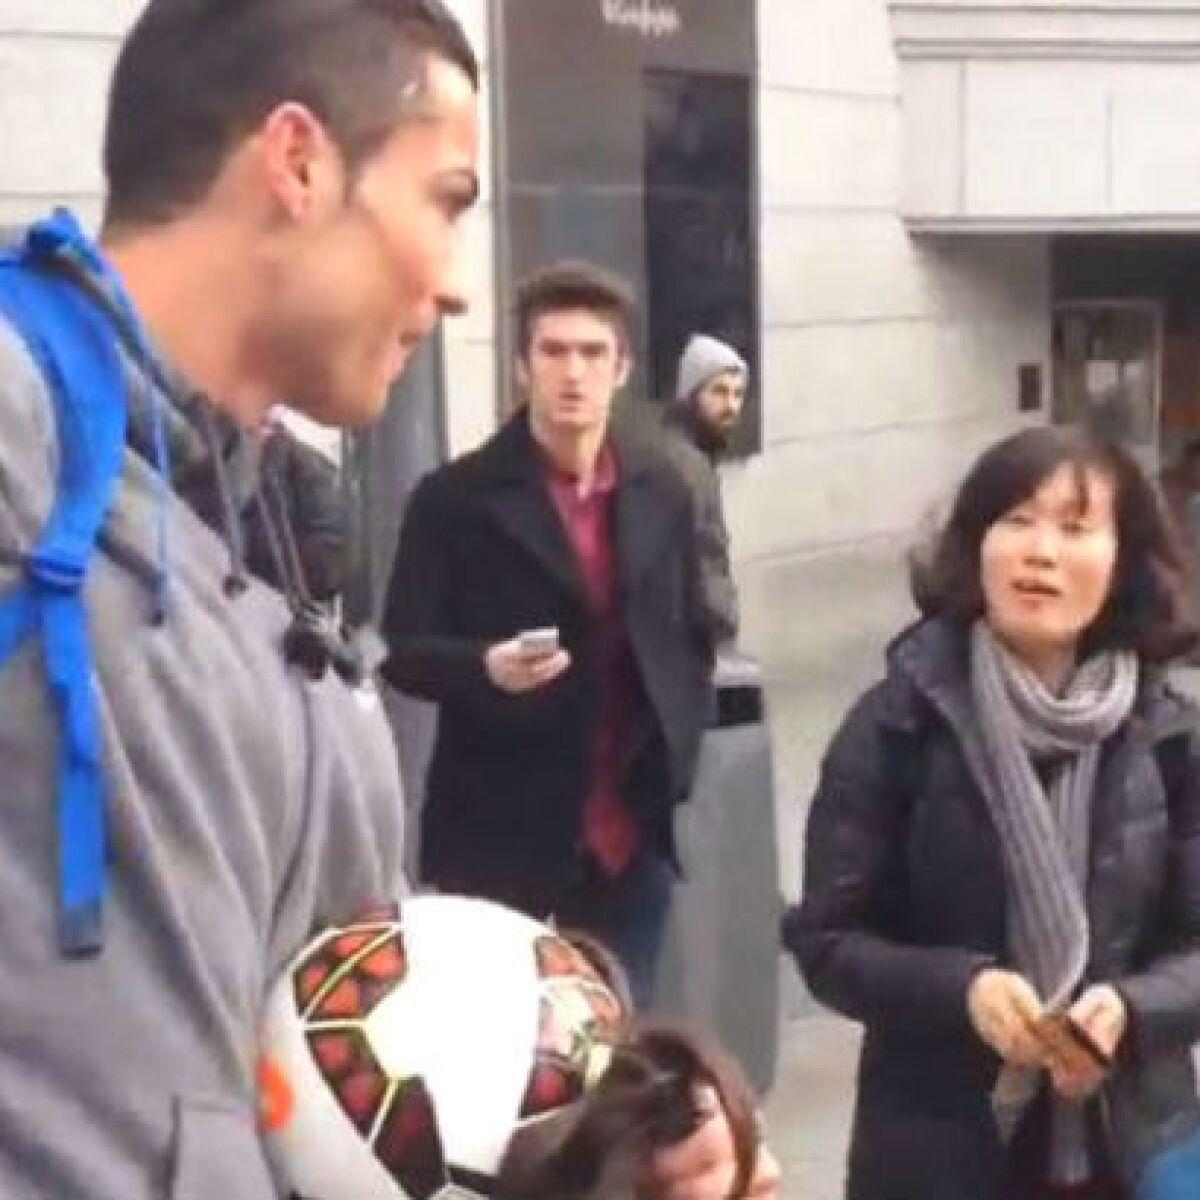 Cristiano Ronaldo sorprende a niño al disfrazarse de indigente